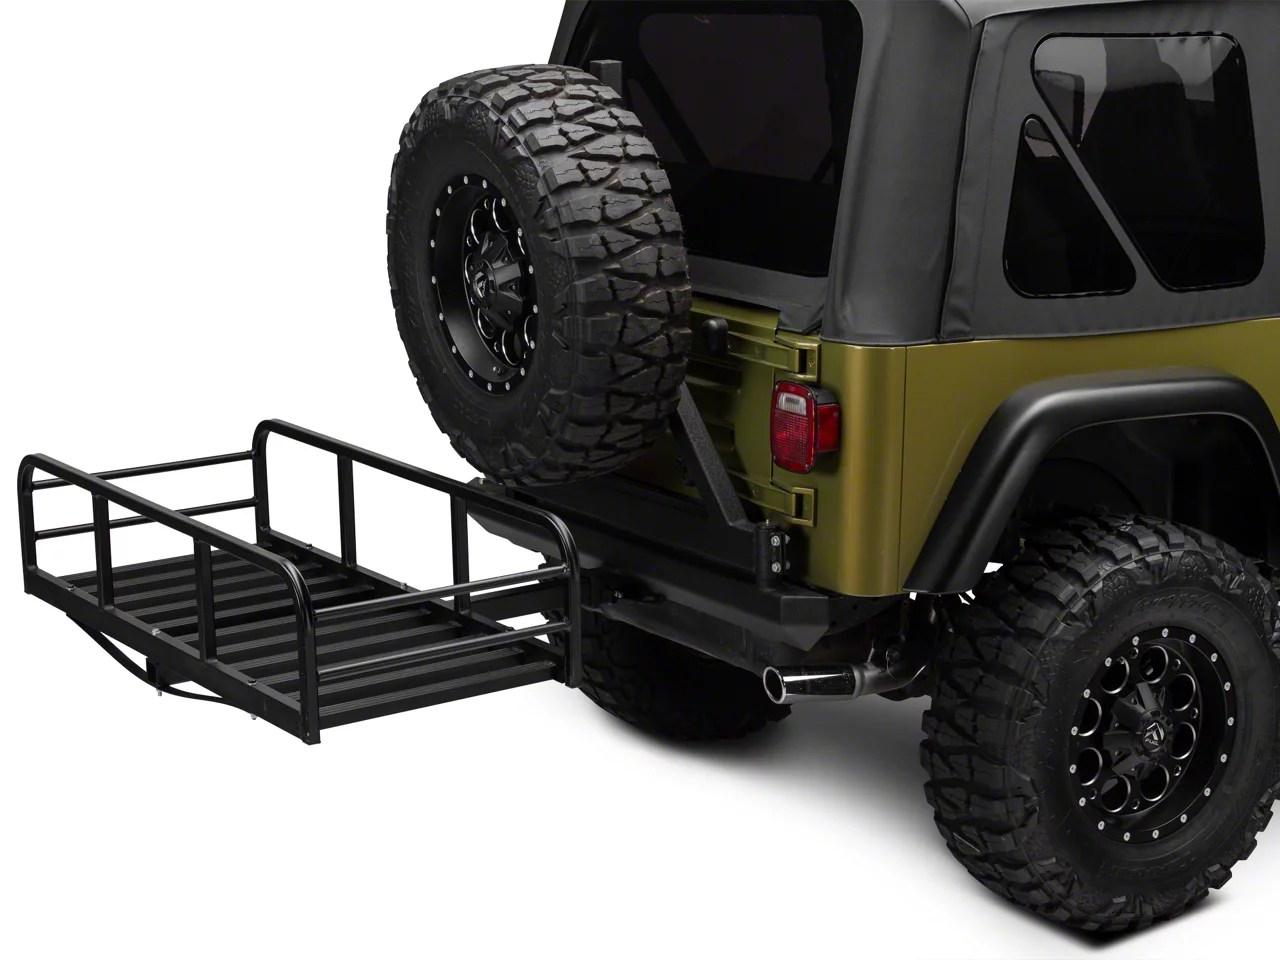 redrock 4x4 hitch mounted cargo rack 12 inch xl 87 06 jeep wrangler yj tj